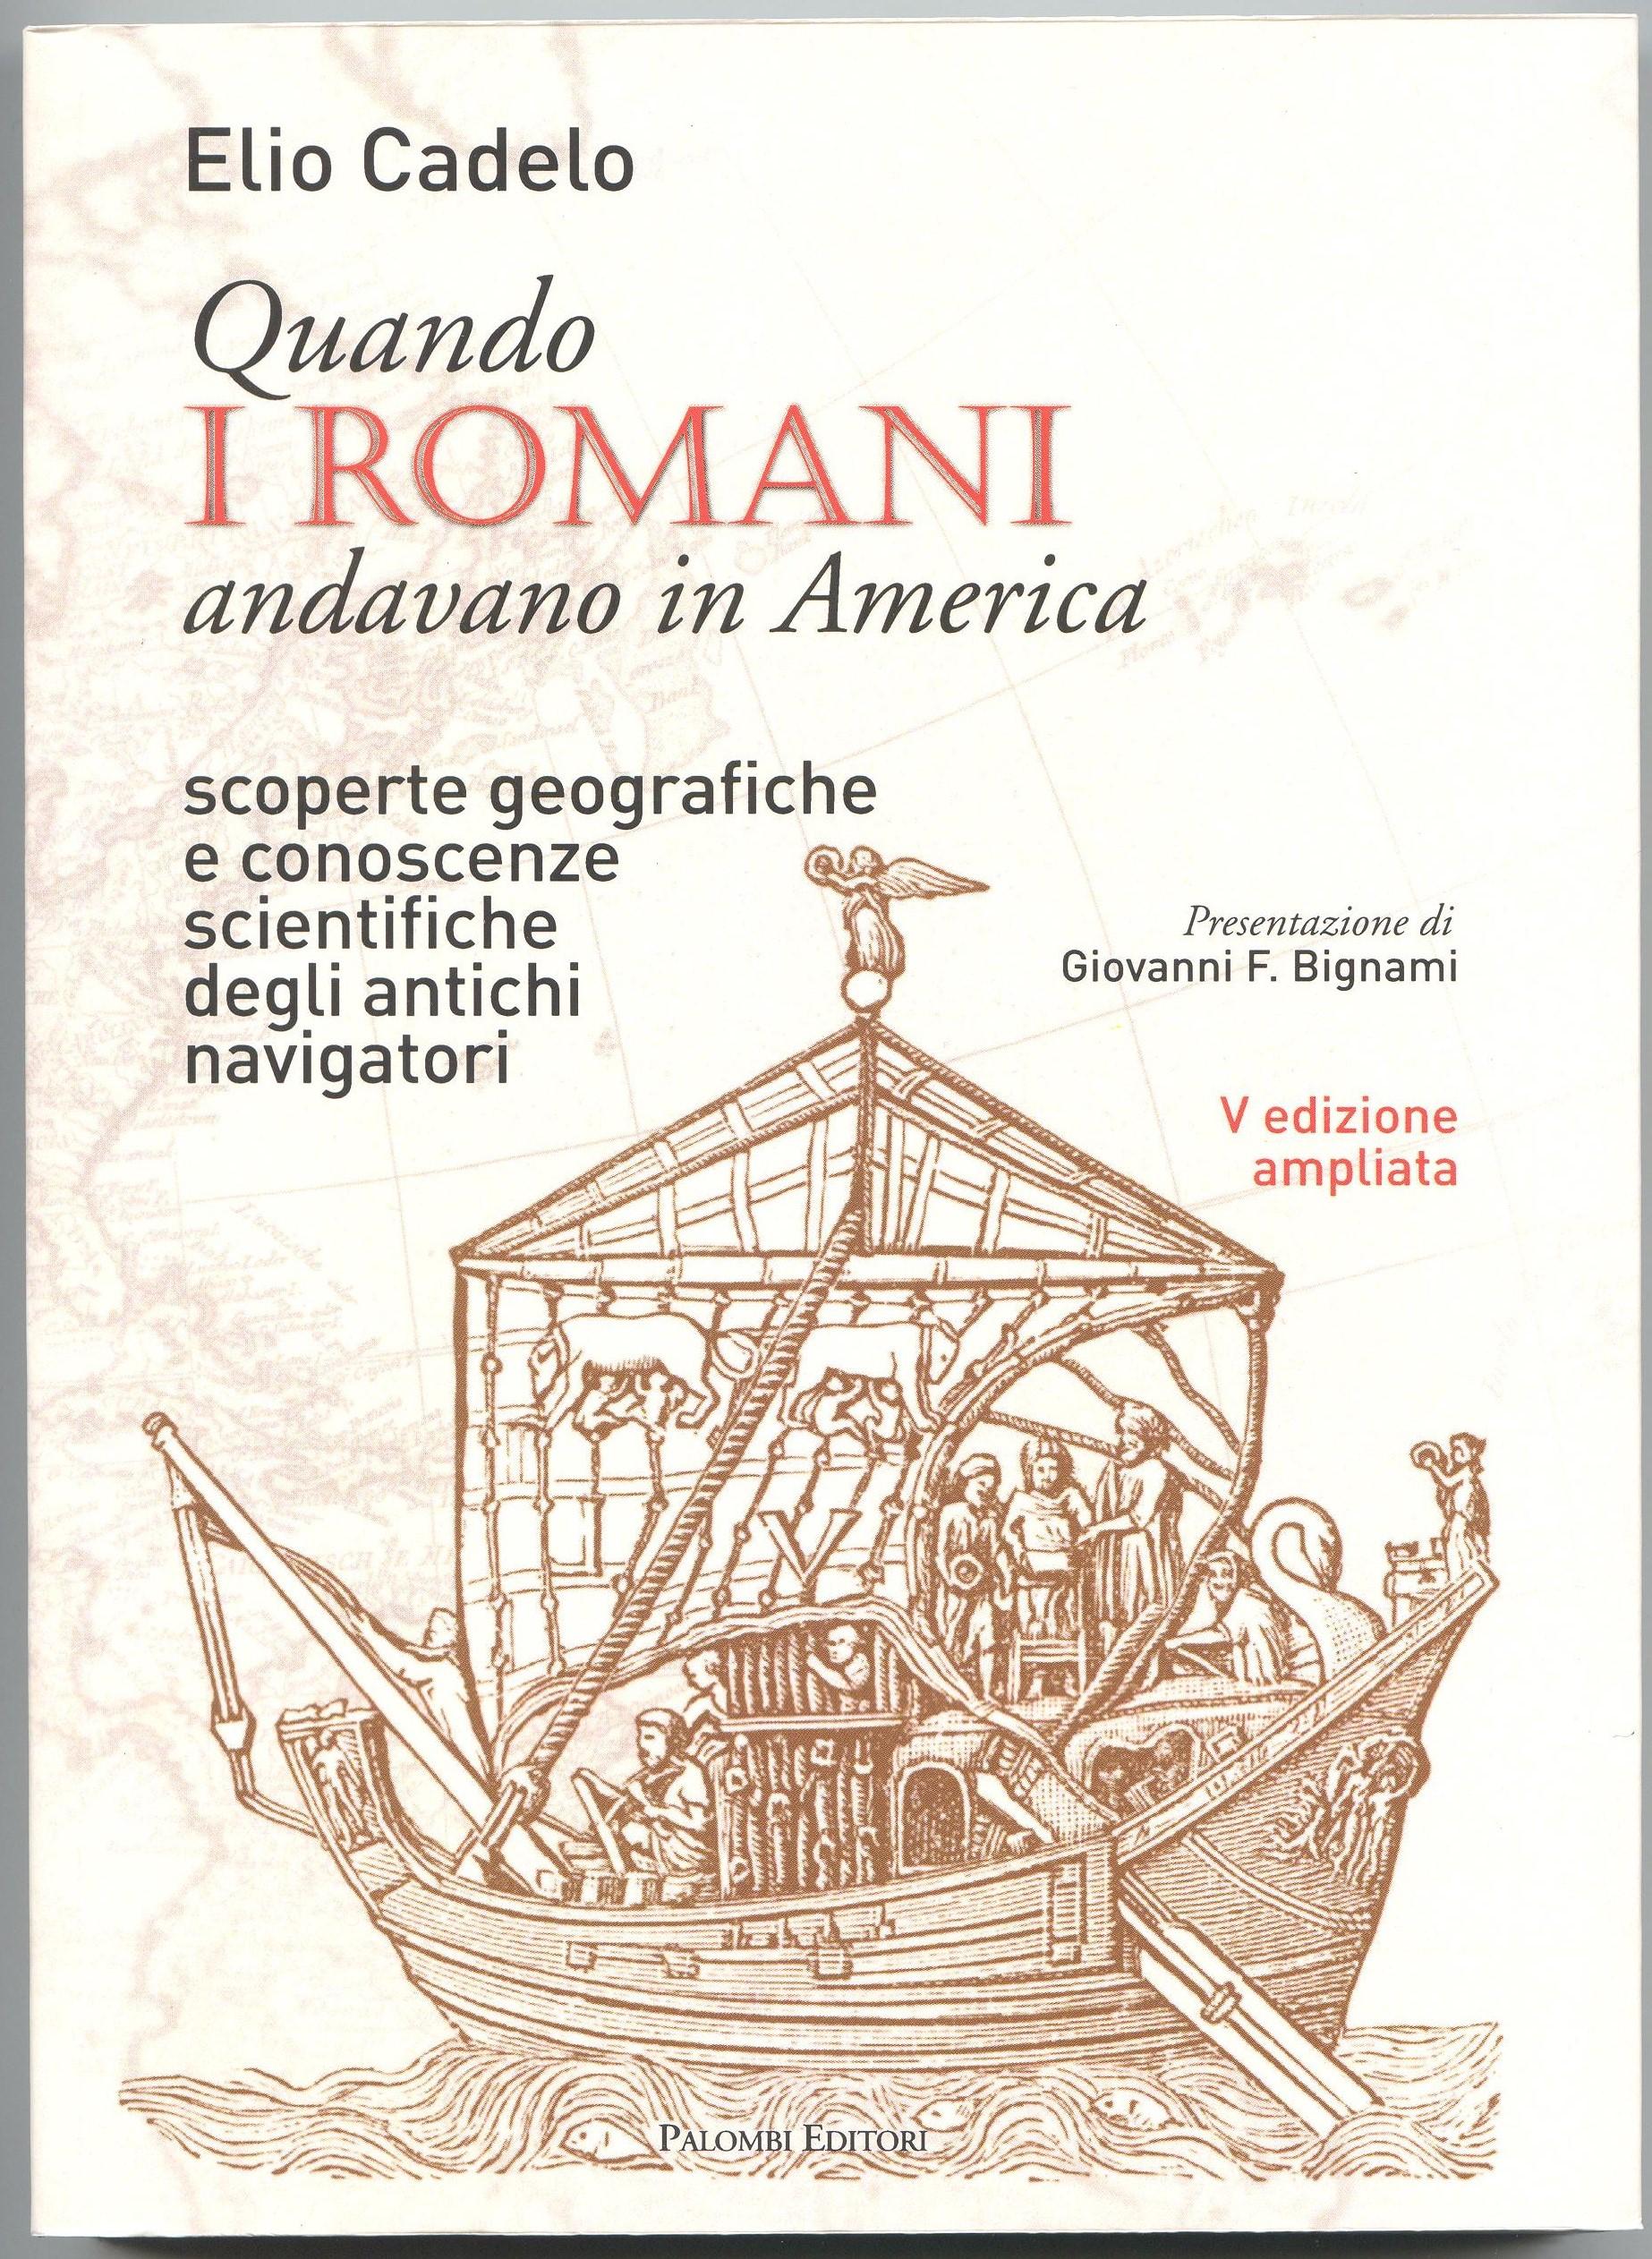 """Esce la V edizione di """"Quando i romani andavano in America""""del giornalista scientifico Elio Cadelo"""